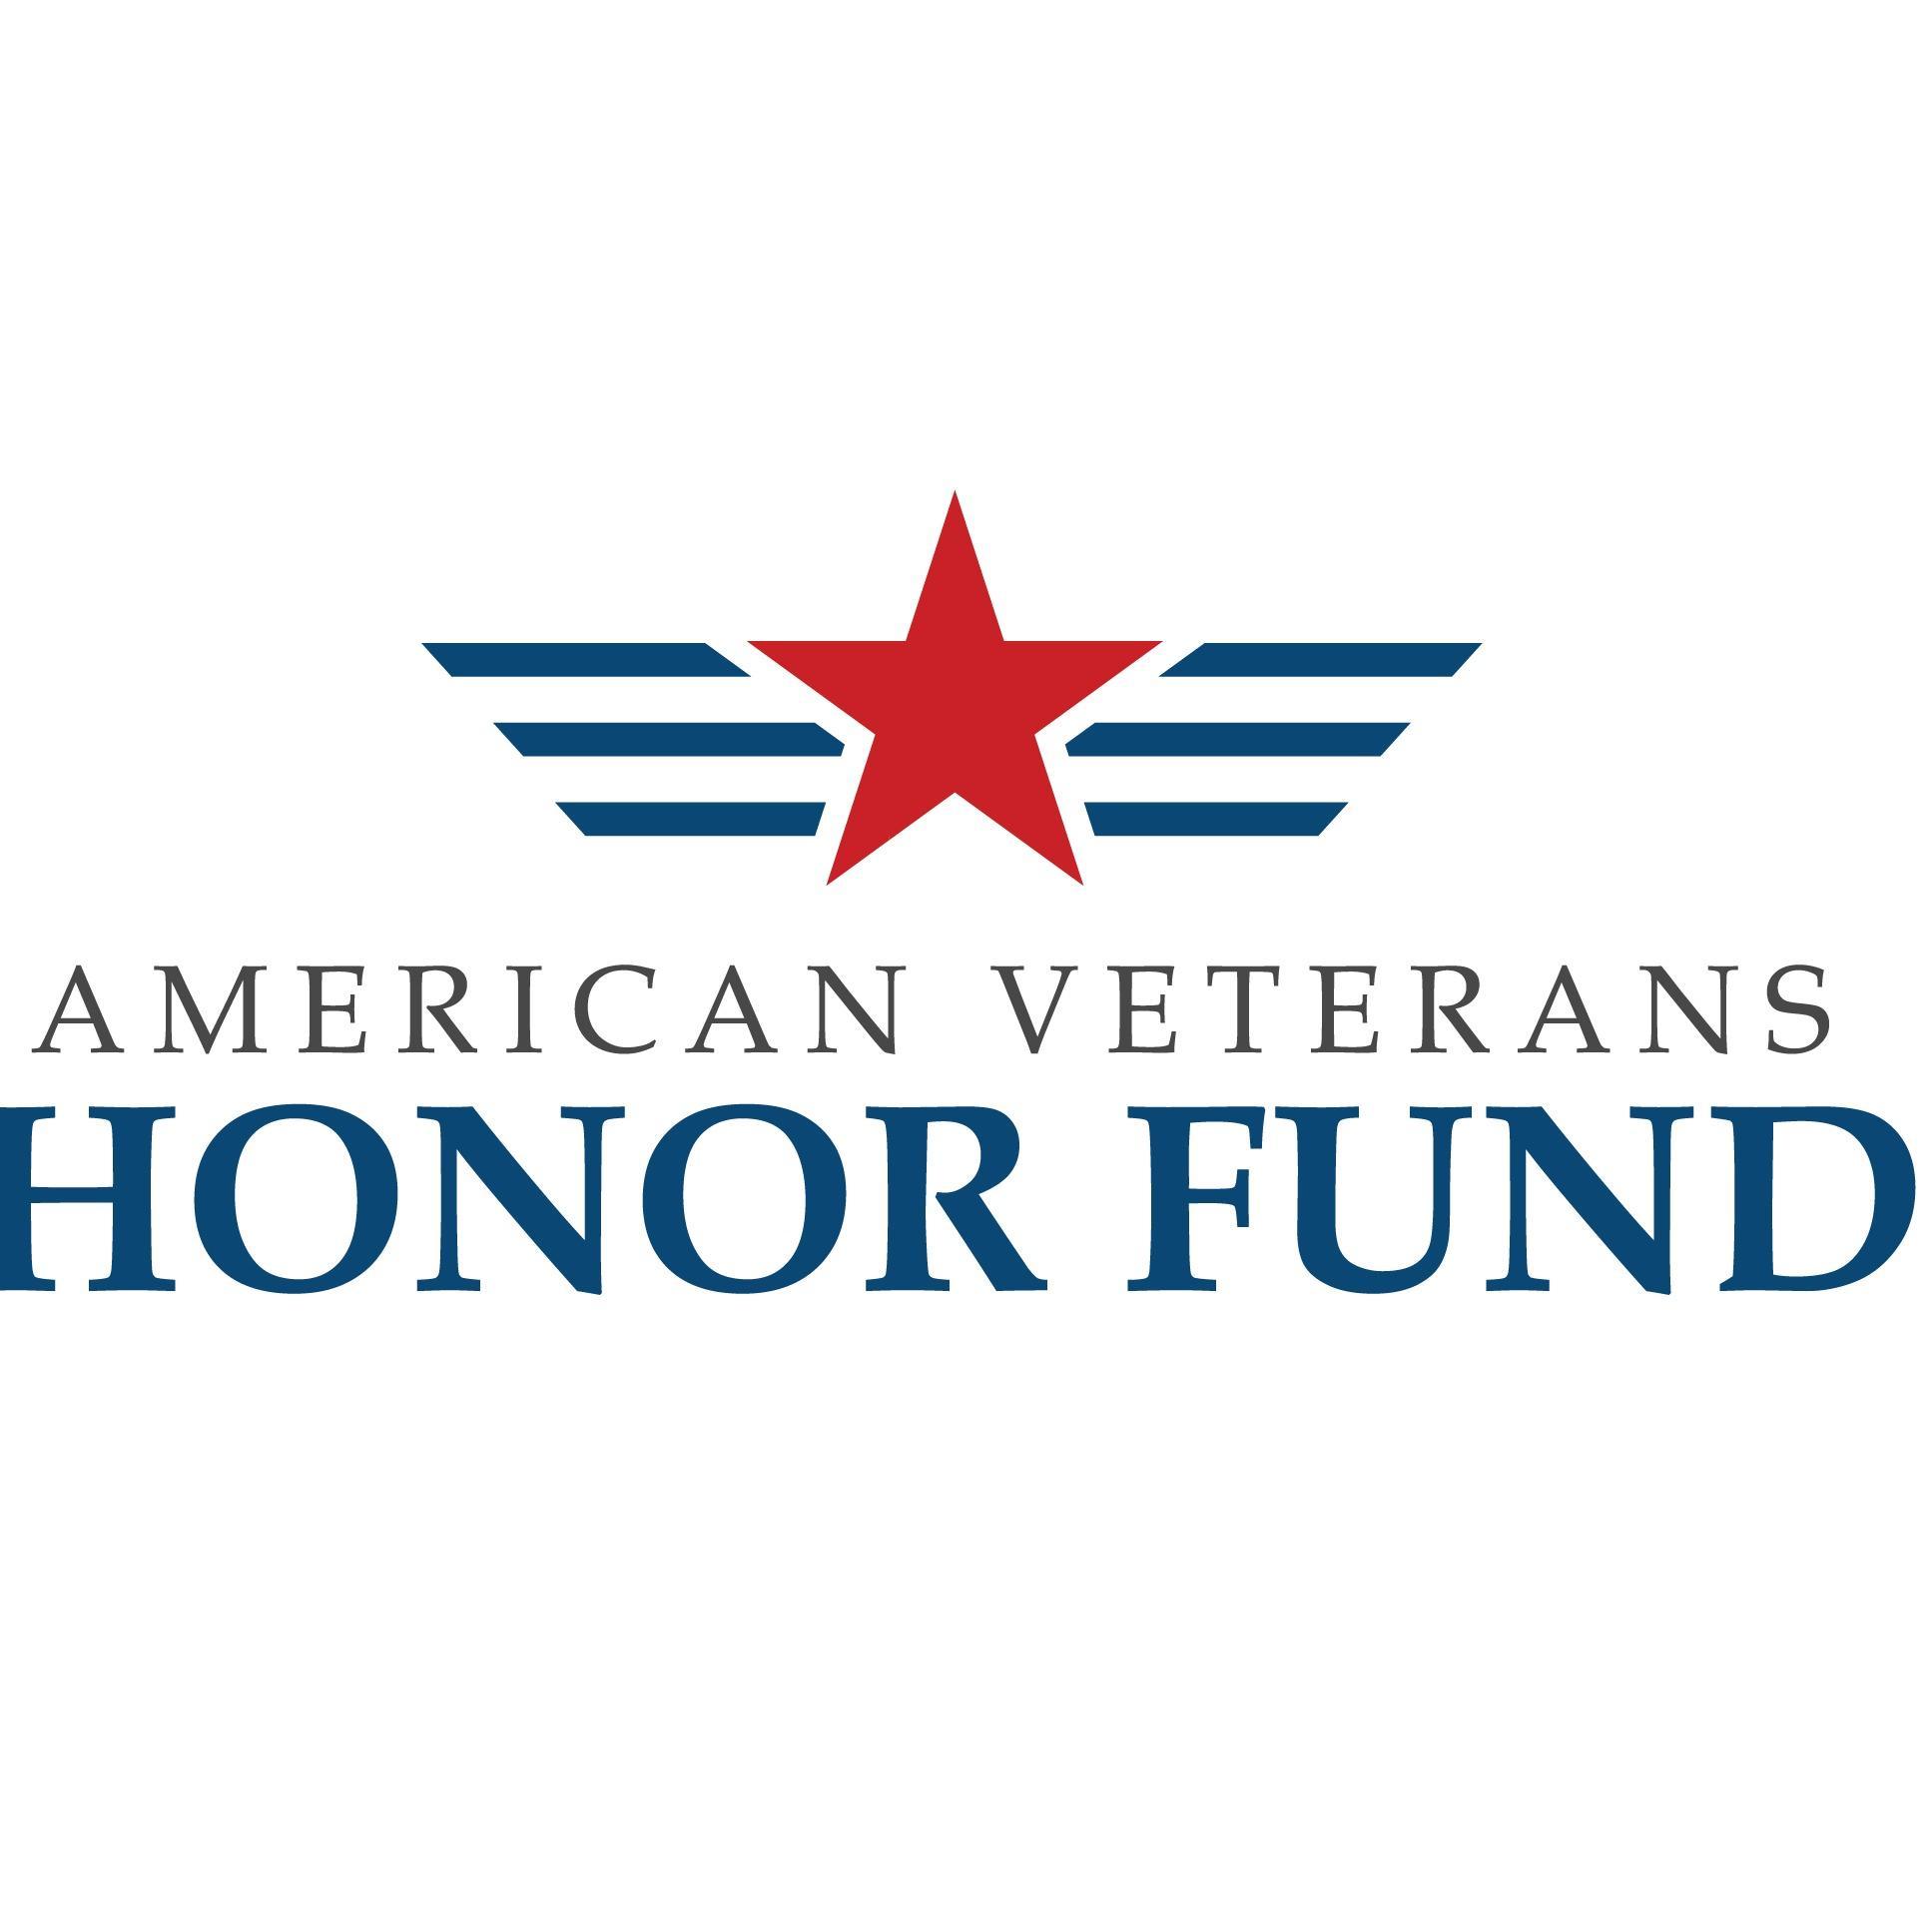 American Veterans Honor Fund